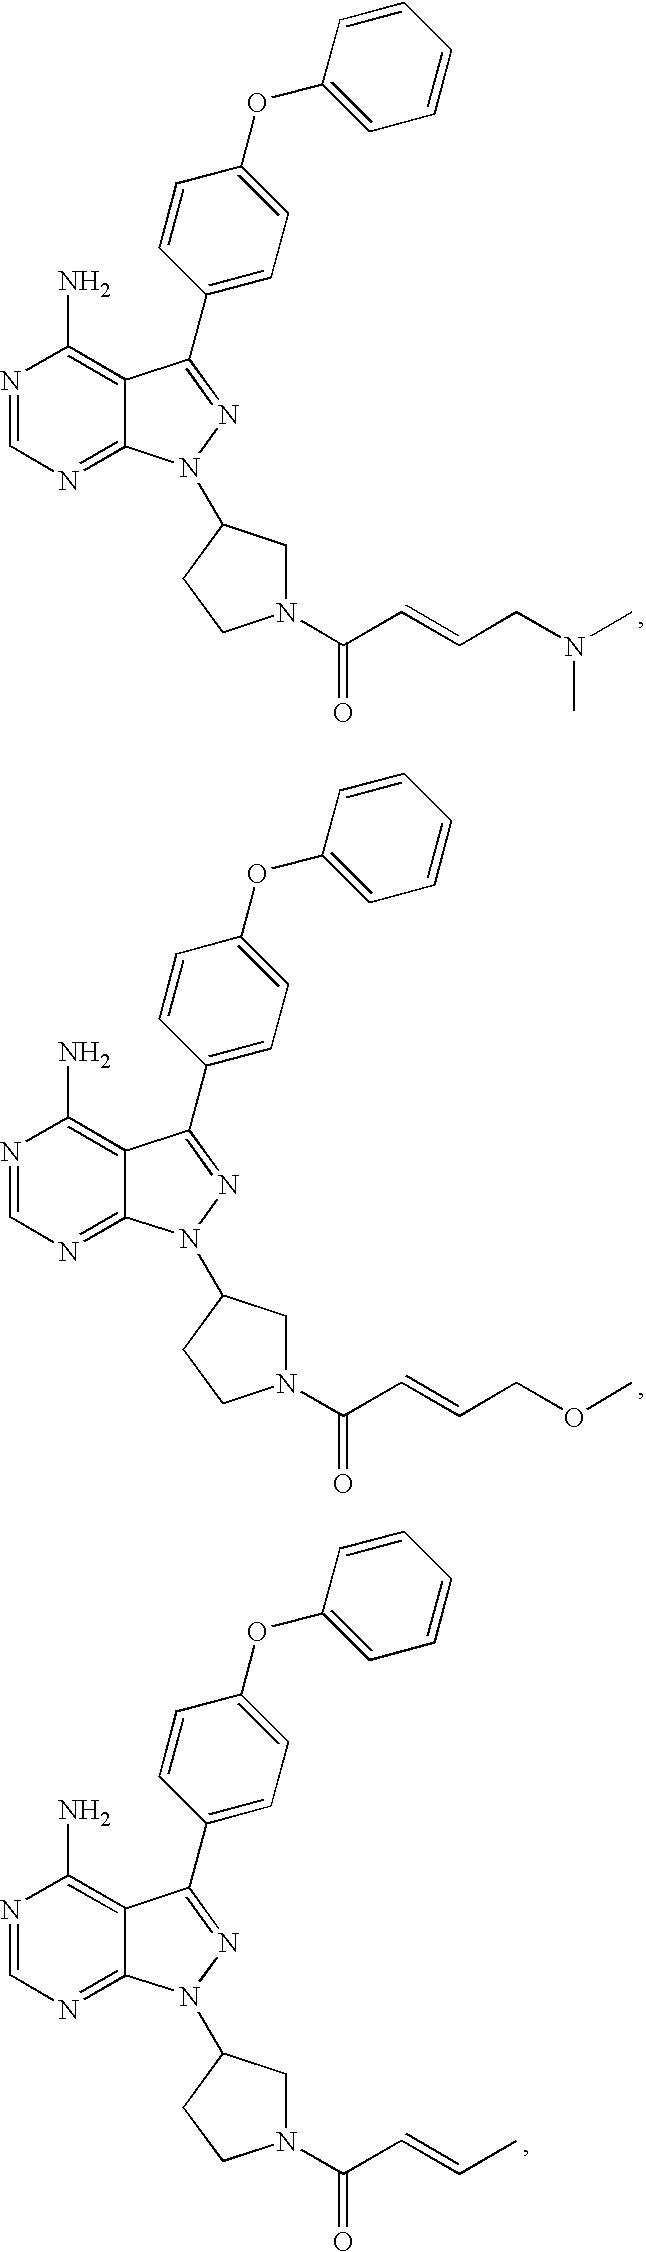 Figure US07514444-20090407-C00021